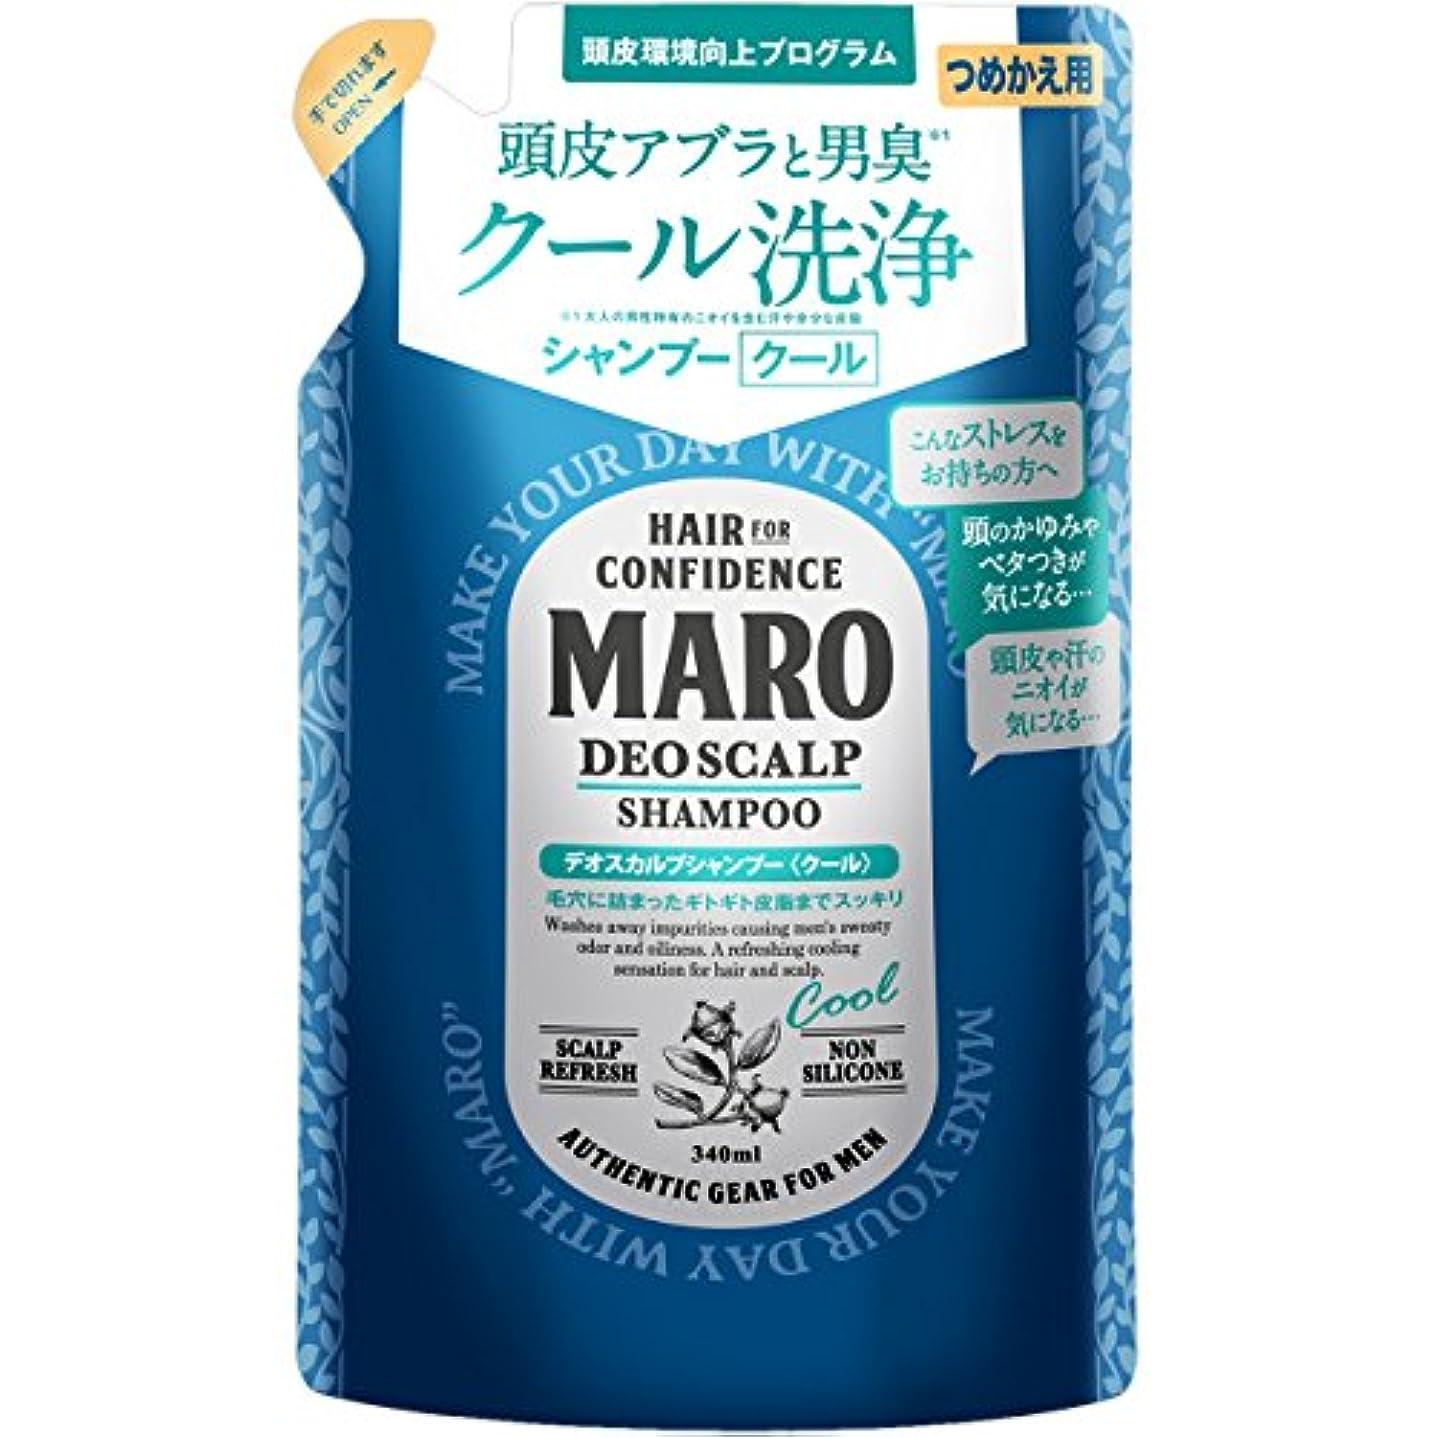 ブランド影響を受けやすいです孤独なMARO デオスカルプ シャンプー クール 詰め替え 340ml